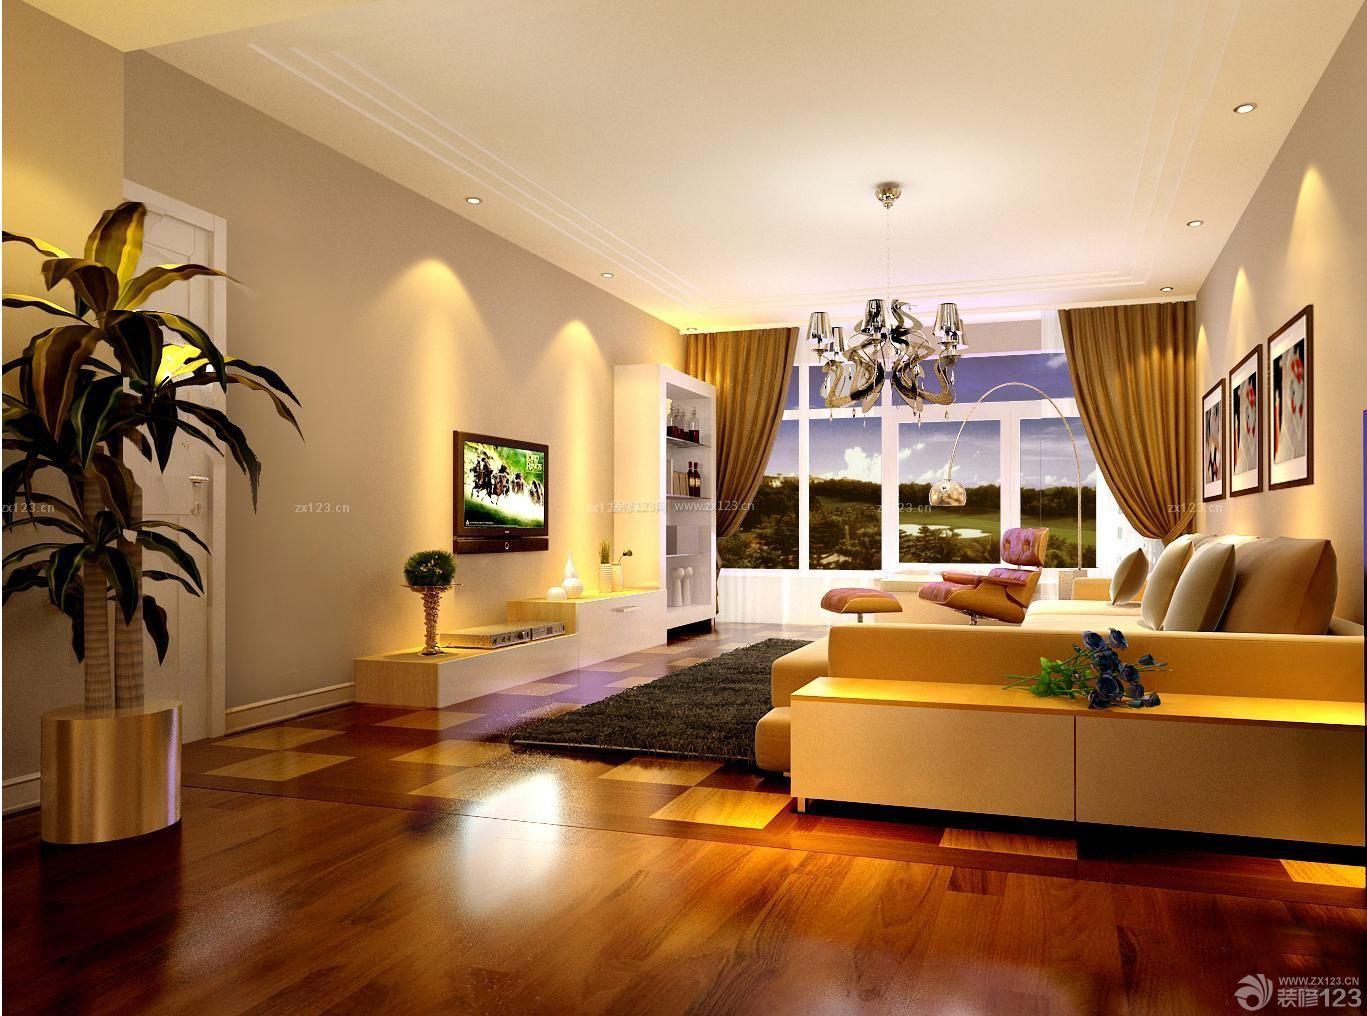 140平方米的房子宜家客厅装修效果图片